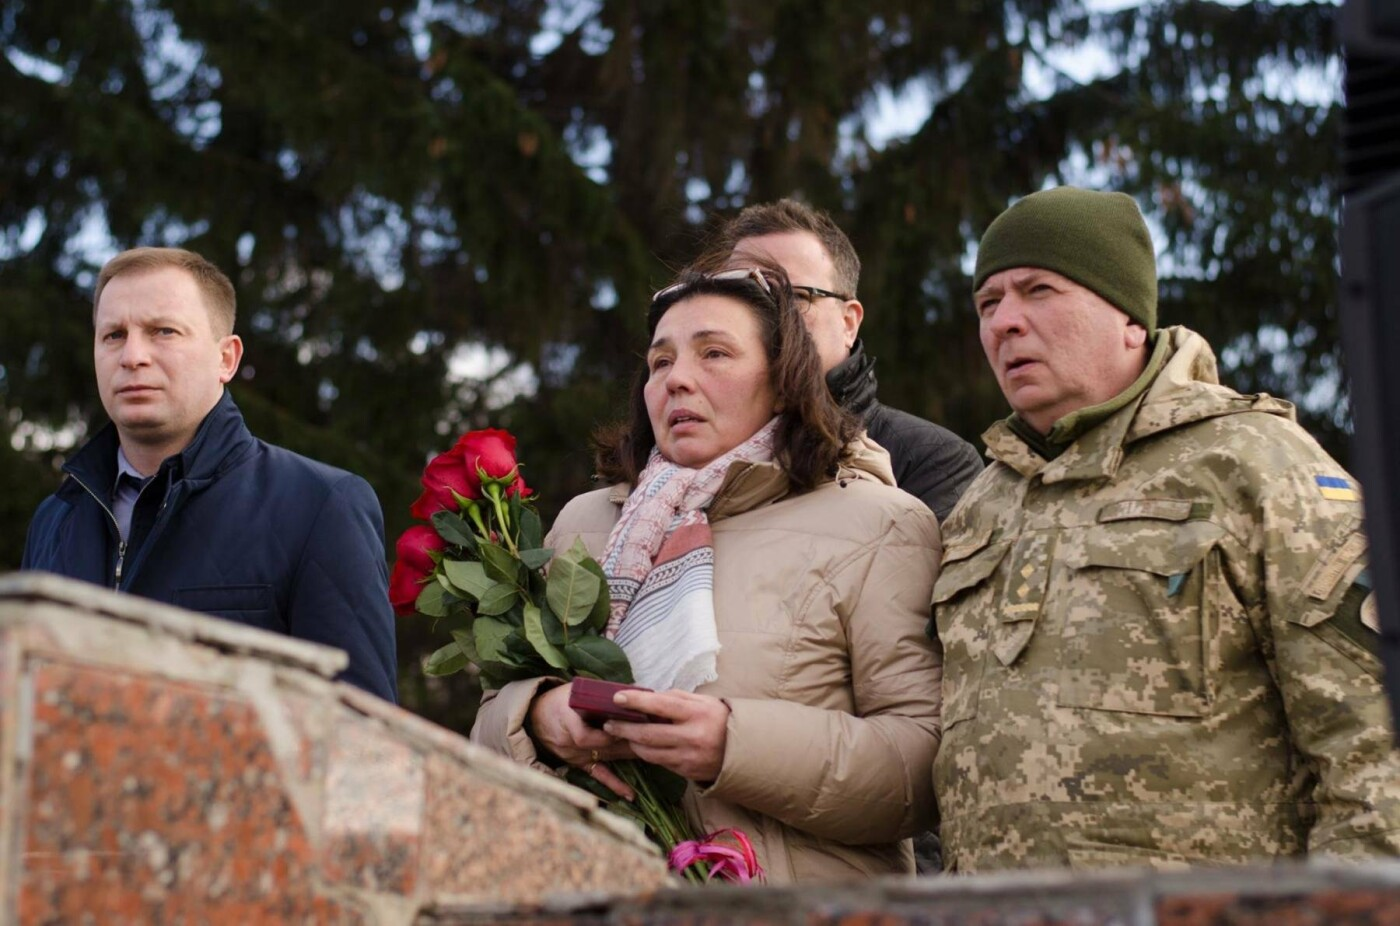 Степан Барна посмертно нагородив бійця, який проявив героїзм в зоні АТО (Фото), фото-3